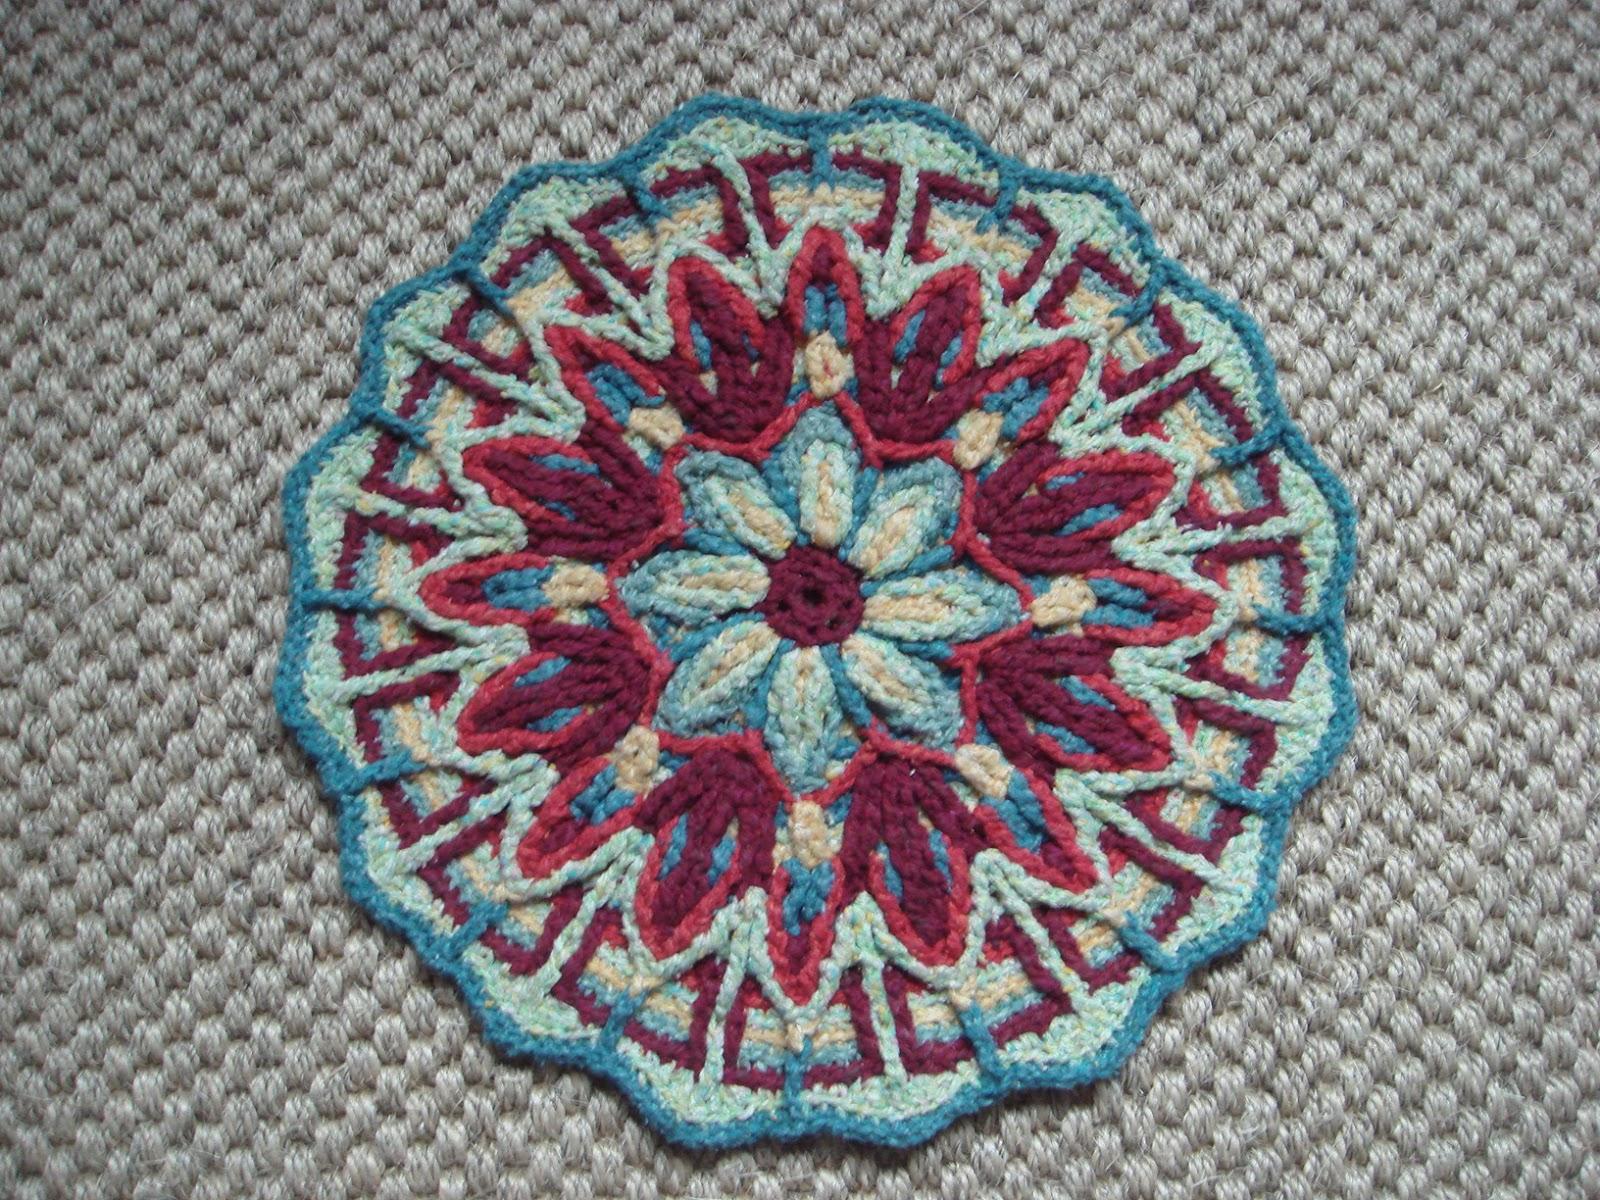 Crochet Patterns For Mandala Yarn : Extreme Knitting Redhead: Beautiful crochet mandala